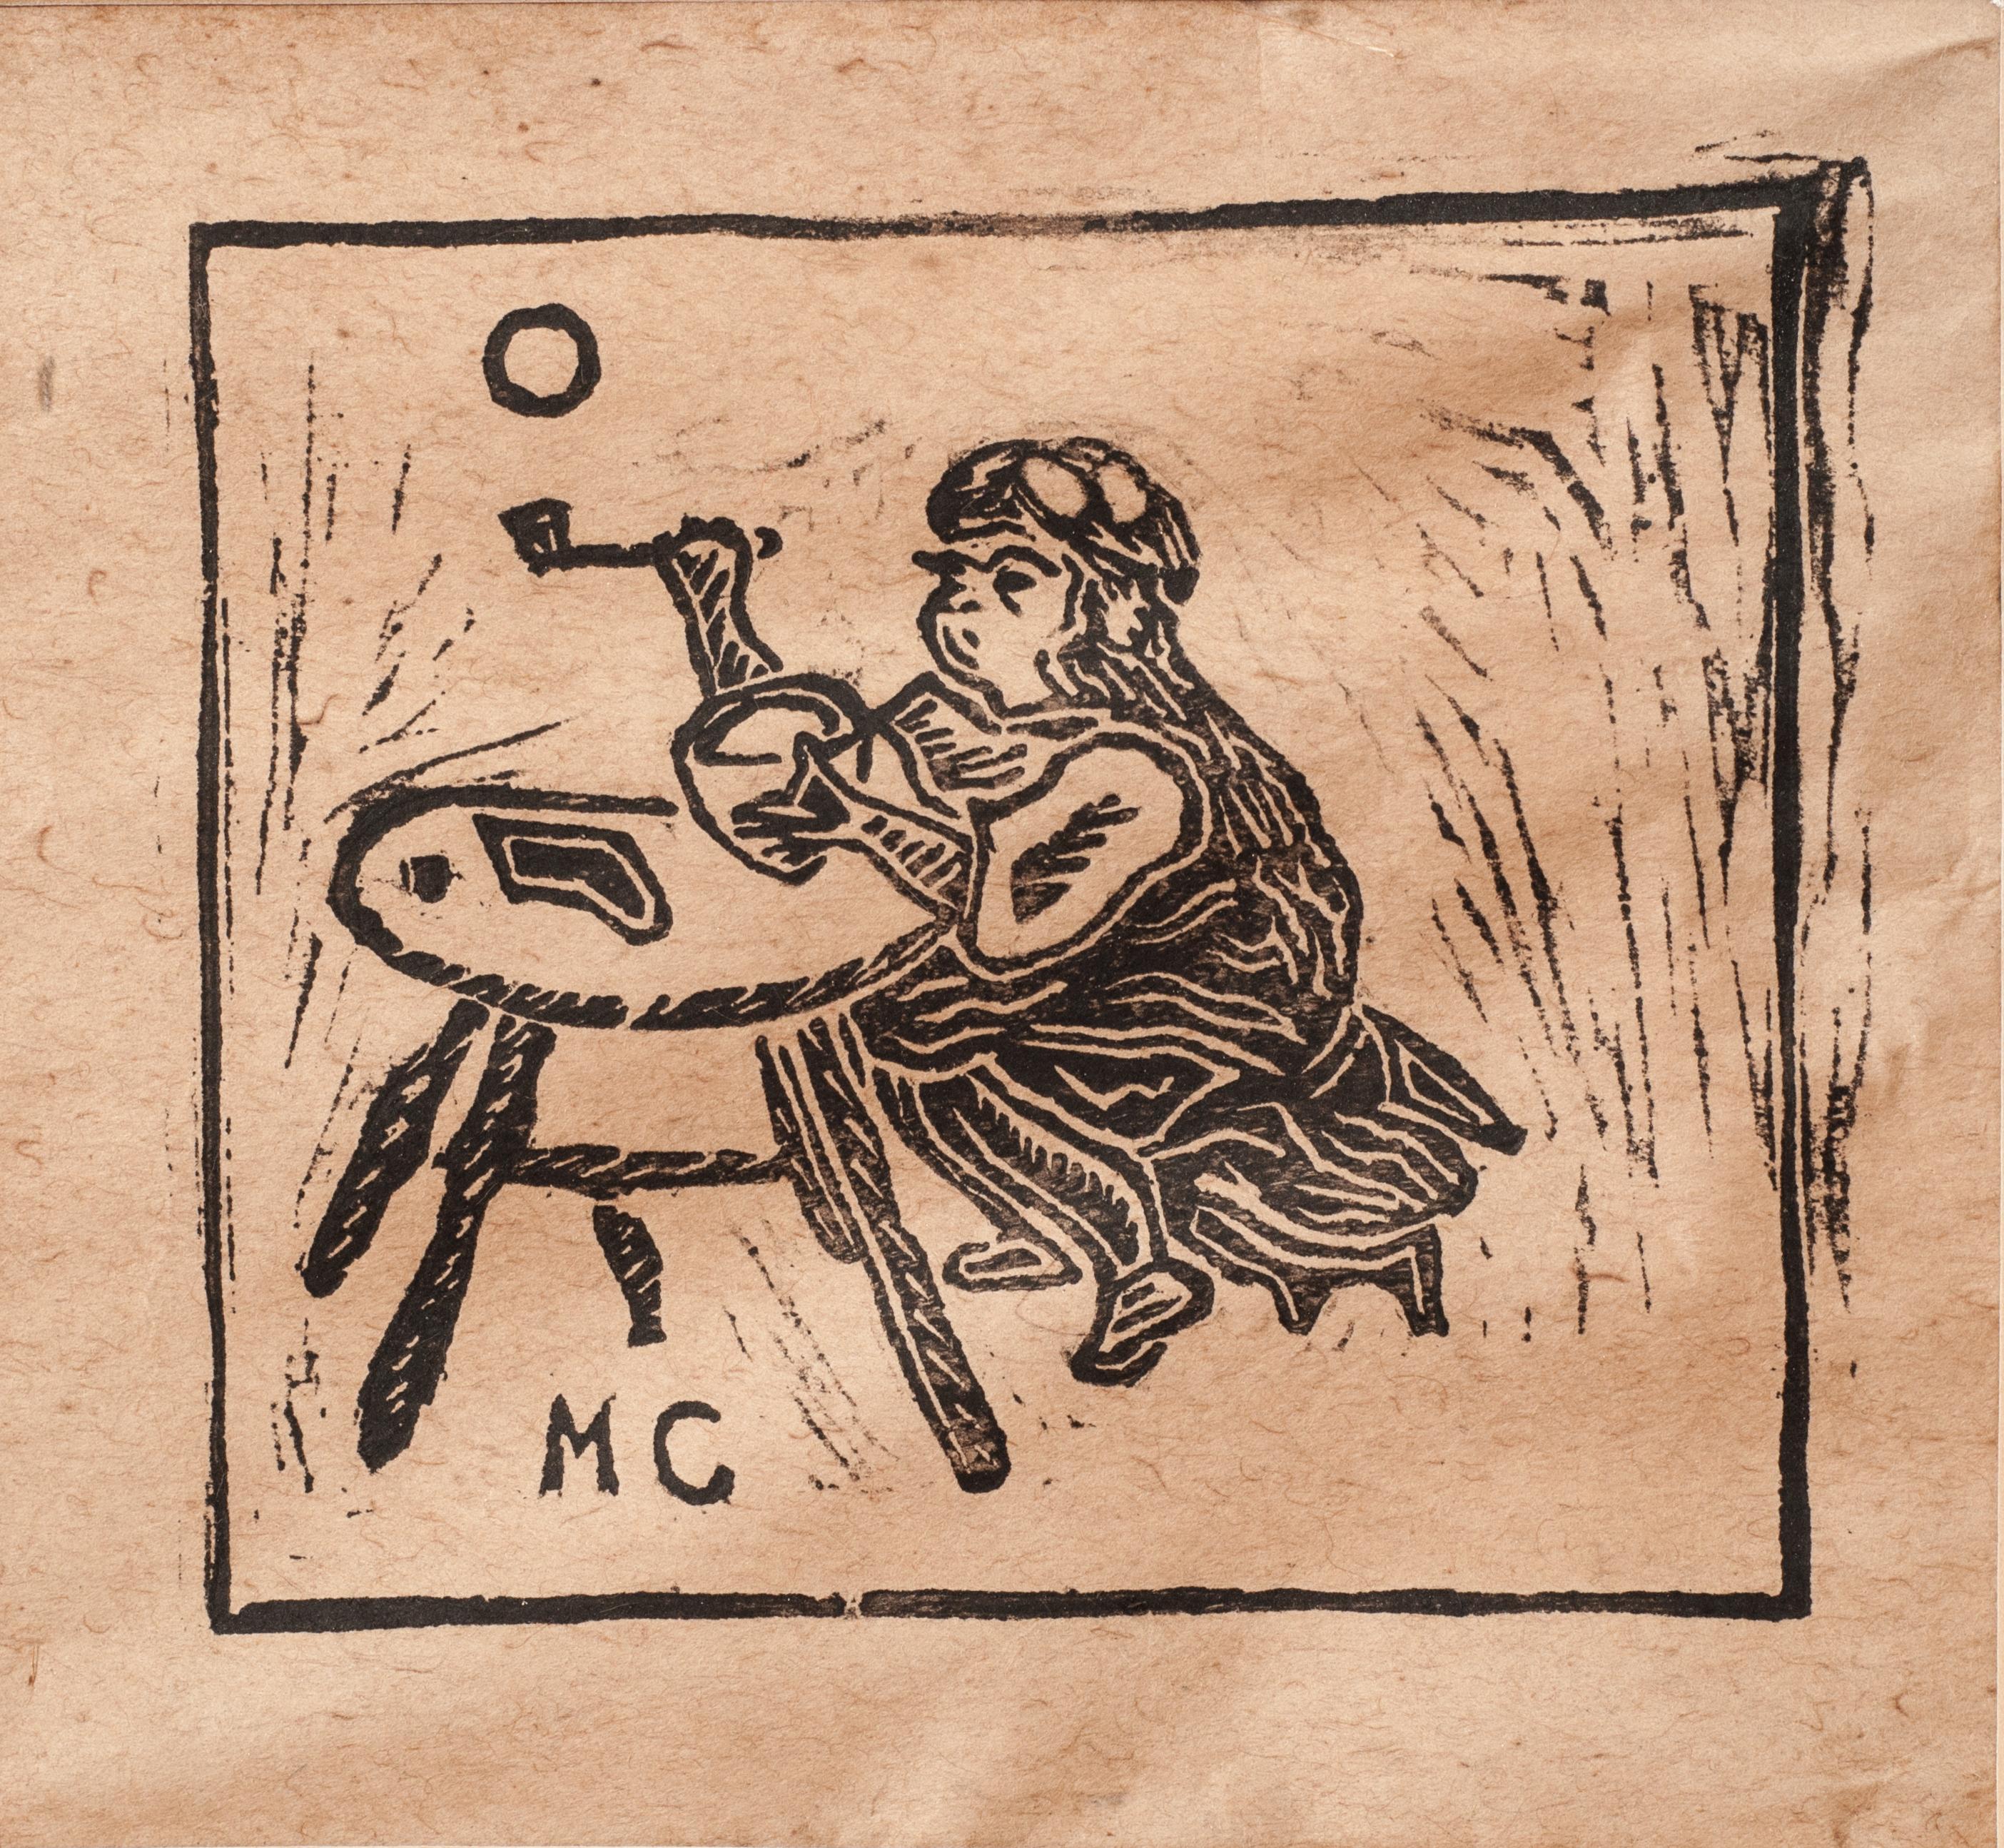 M.C. 6 1:2X 6 1:2 #1 Dessin Circa 1970